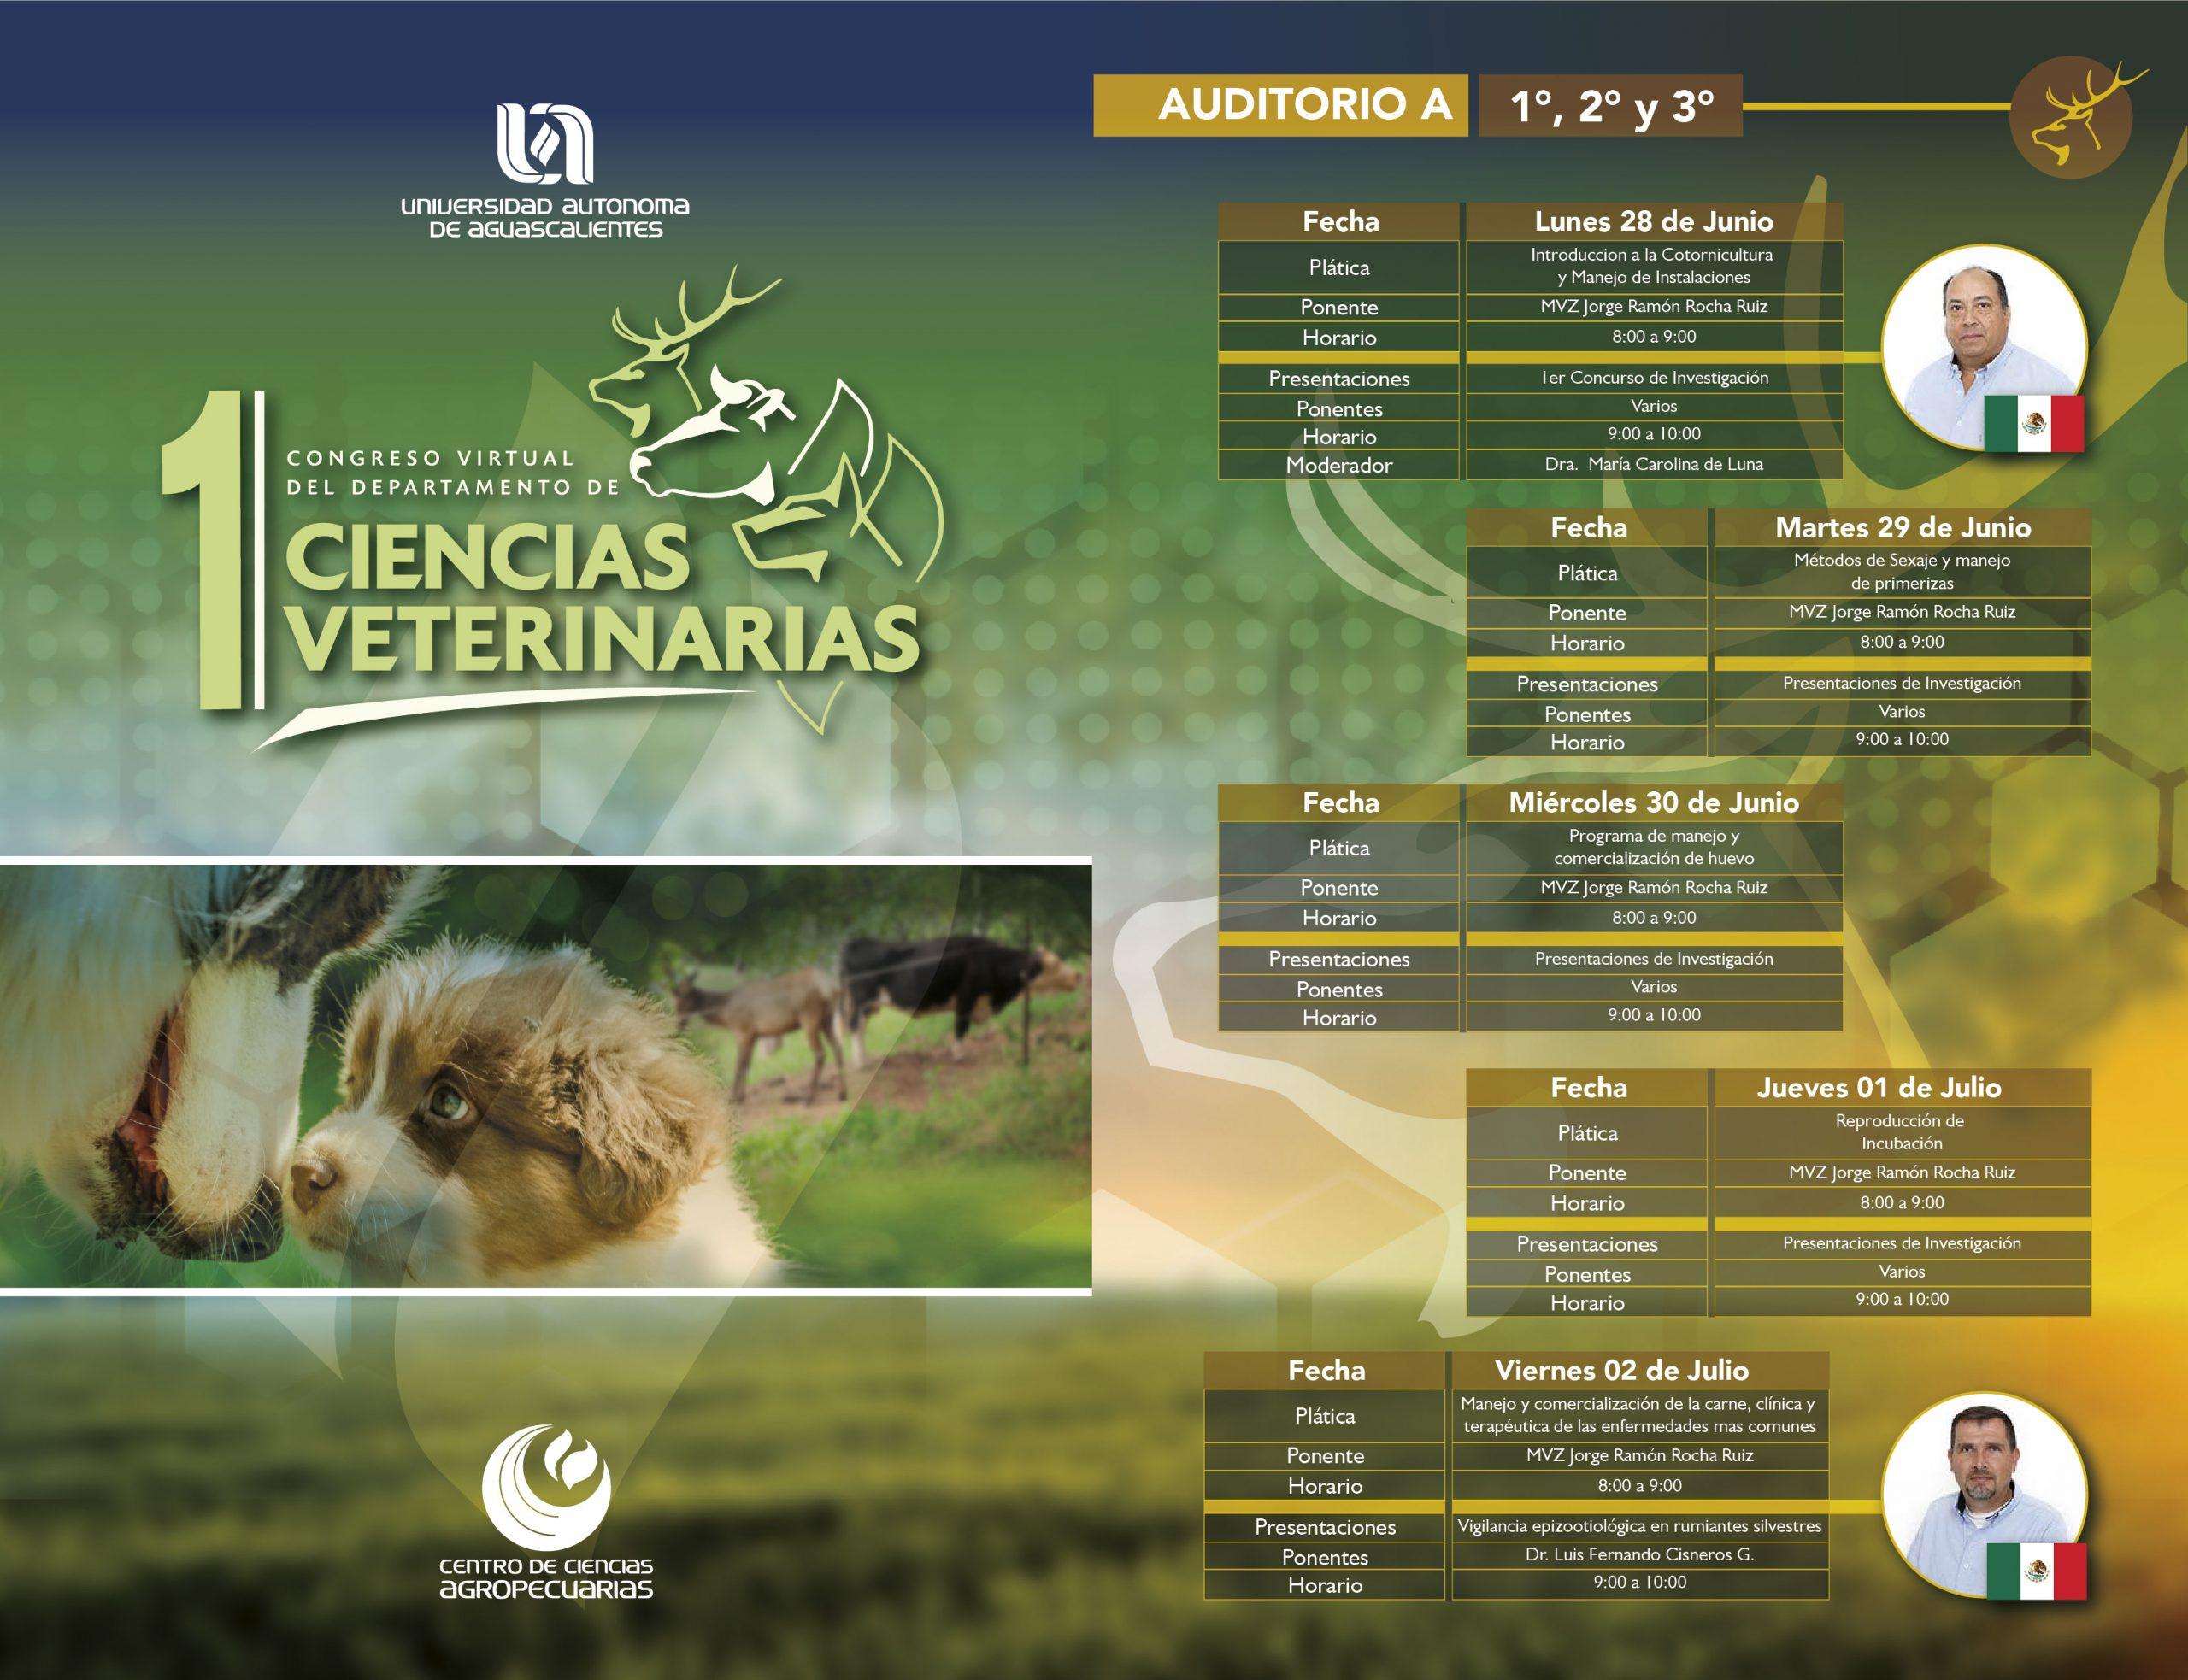 DIFUSIÓN DEL 1ER CONGRESO VIRTUAL DEL DEPARTAMENTO DE CIENCIAS VETERINARIAS